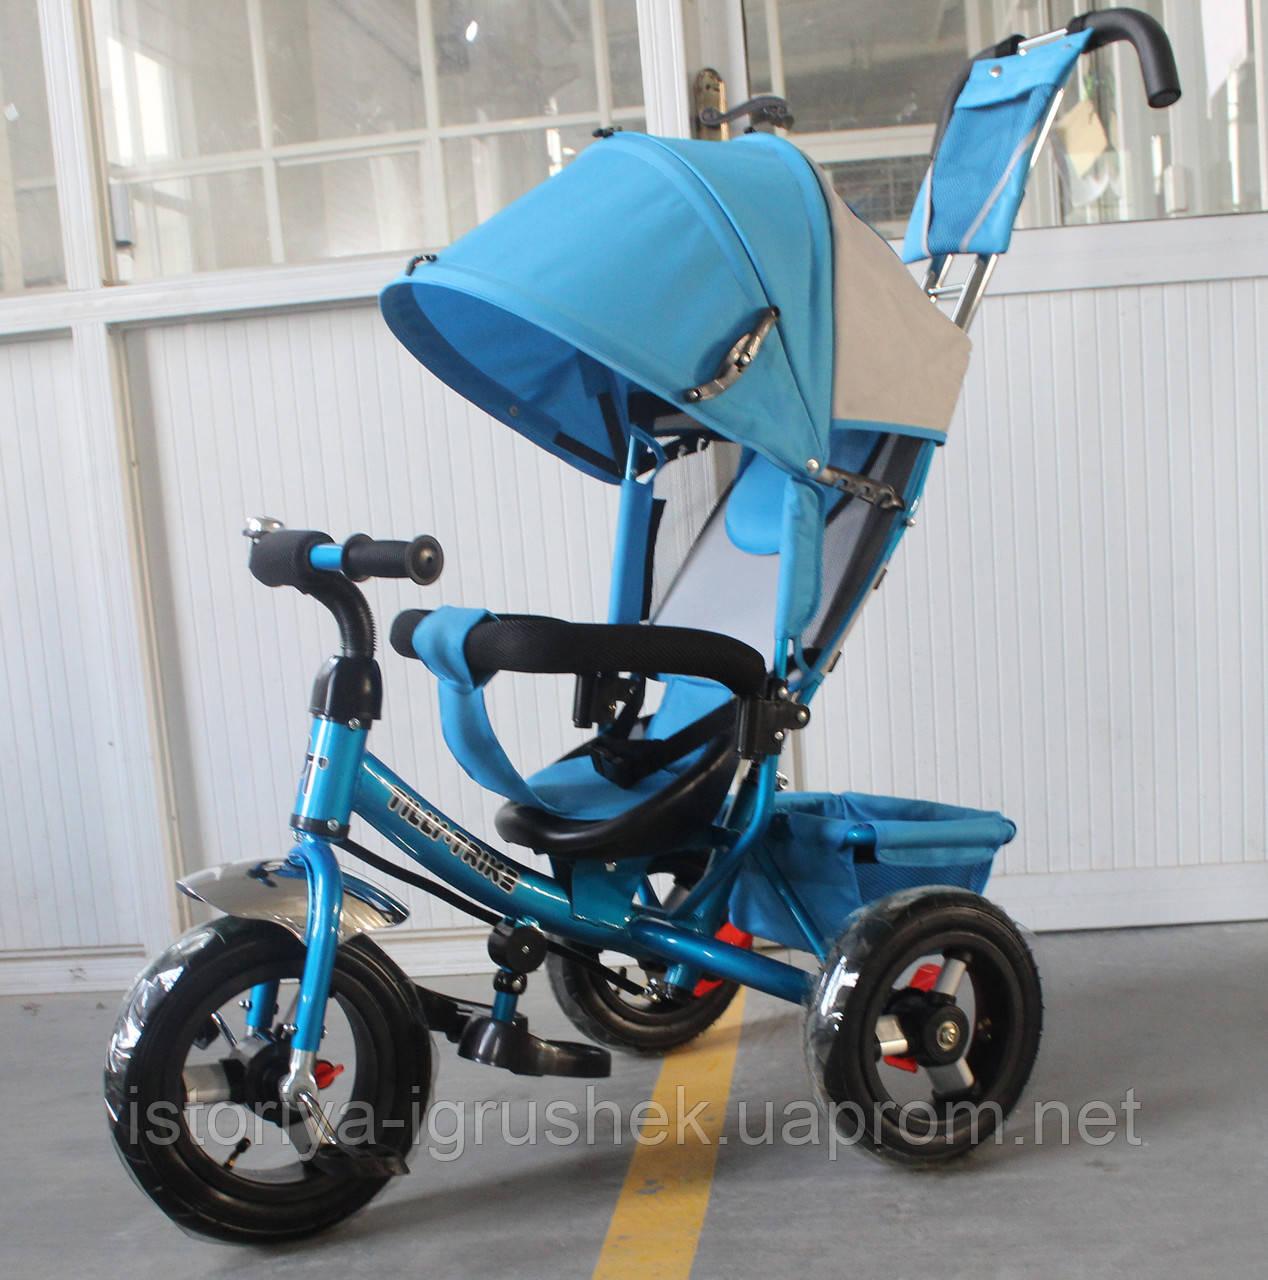 Велосипед трехколесный TILLY Trike T-364 в ассортименте